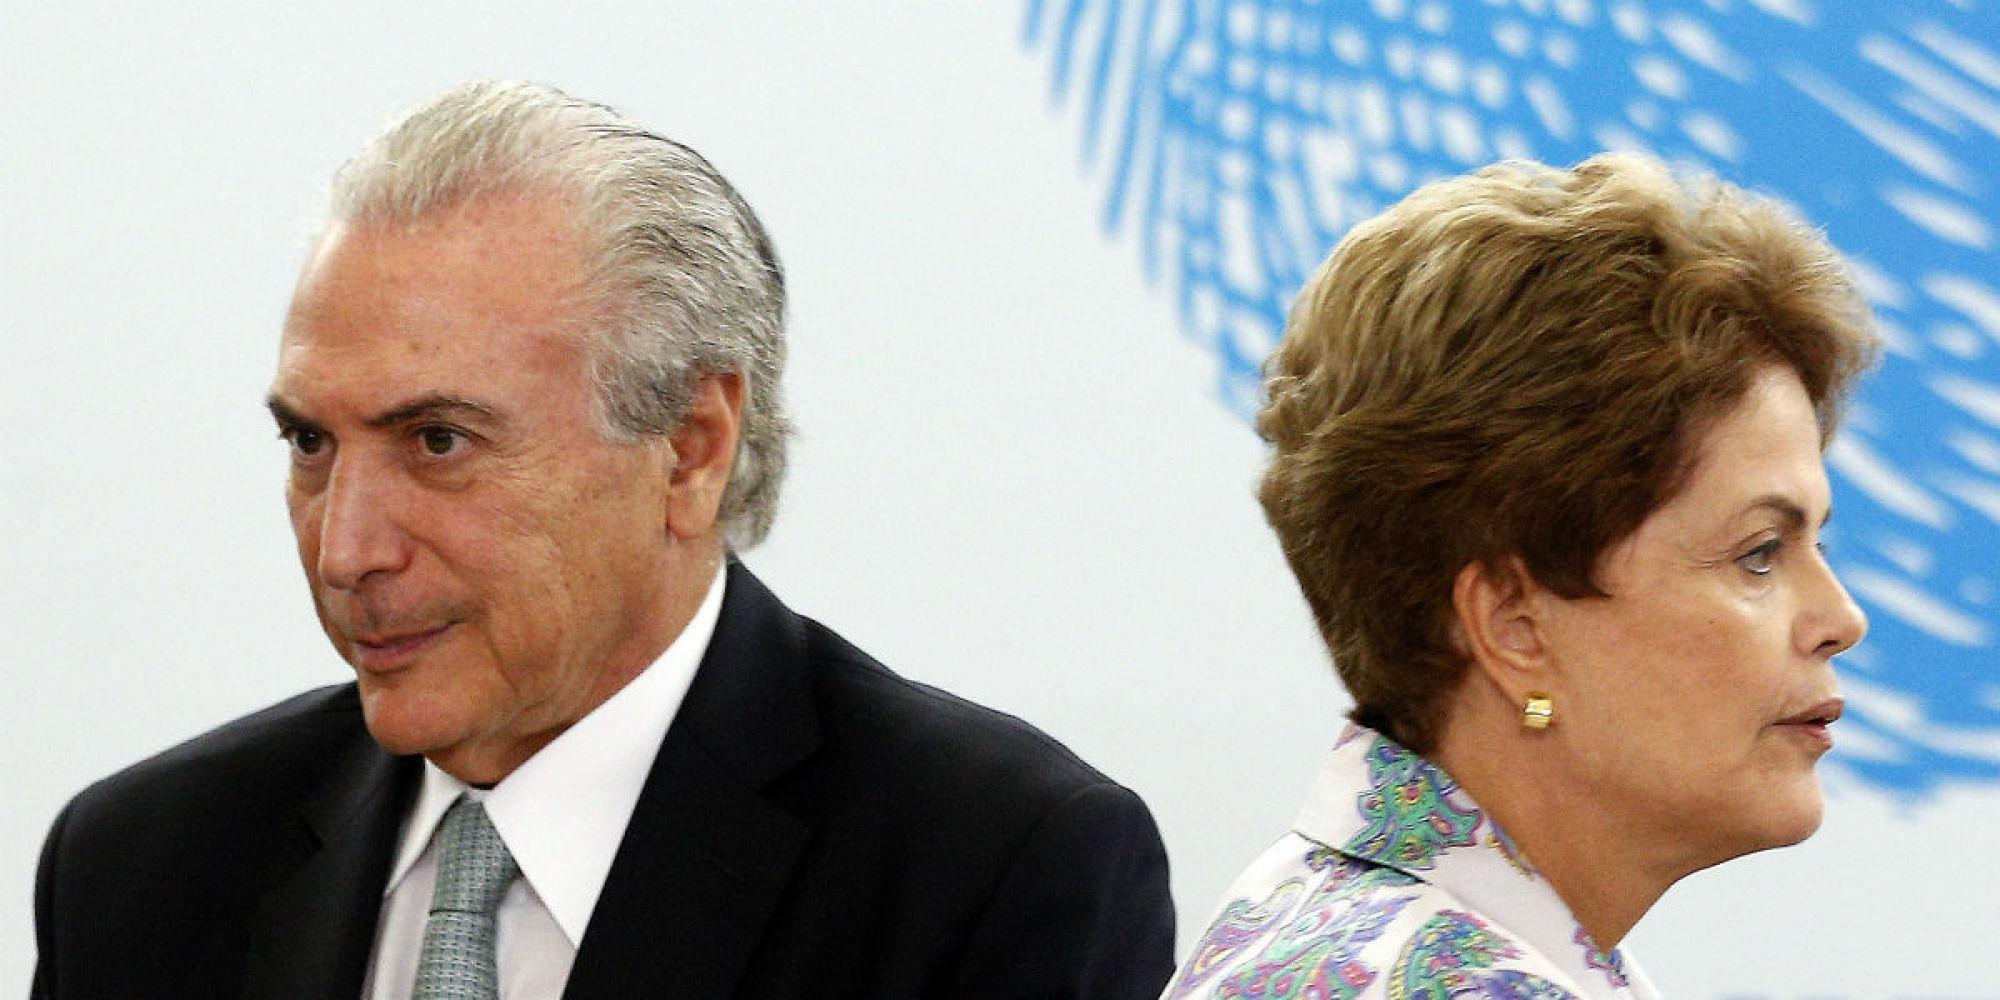 Senado aprova abertura do processo de impeachment e Dilma será afastada por até 180 dias; Temer assume